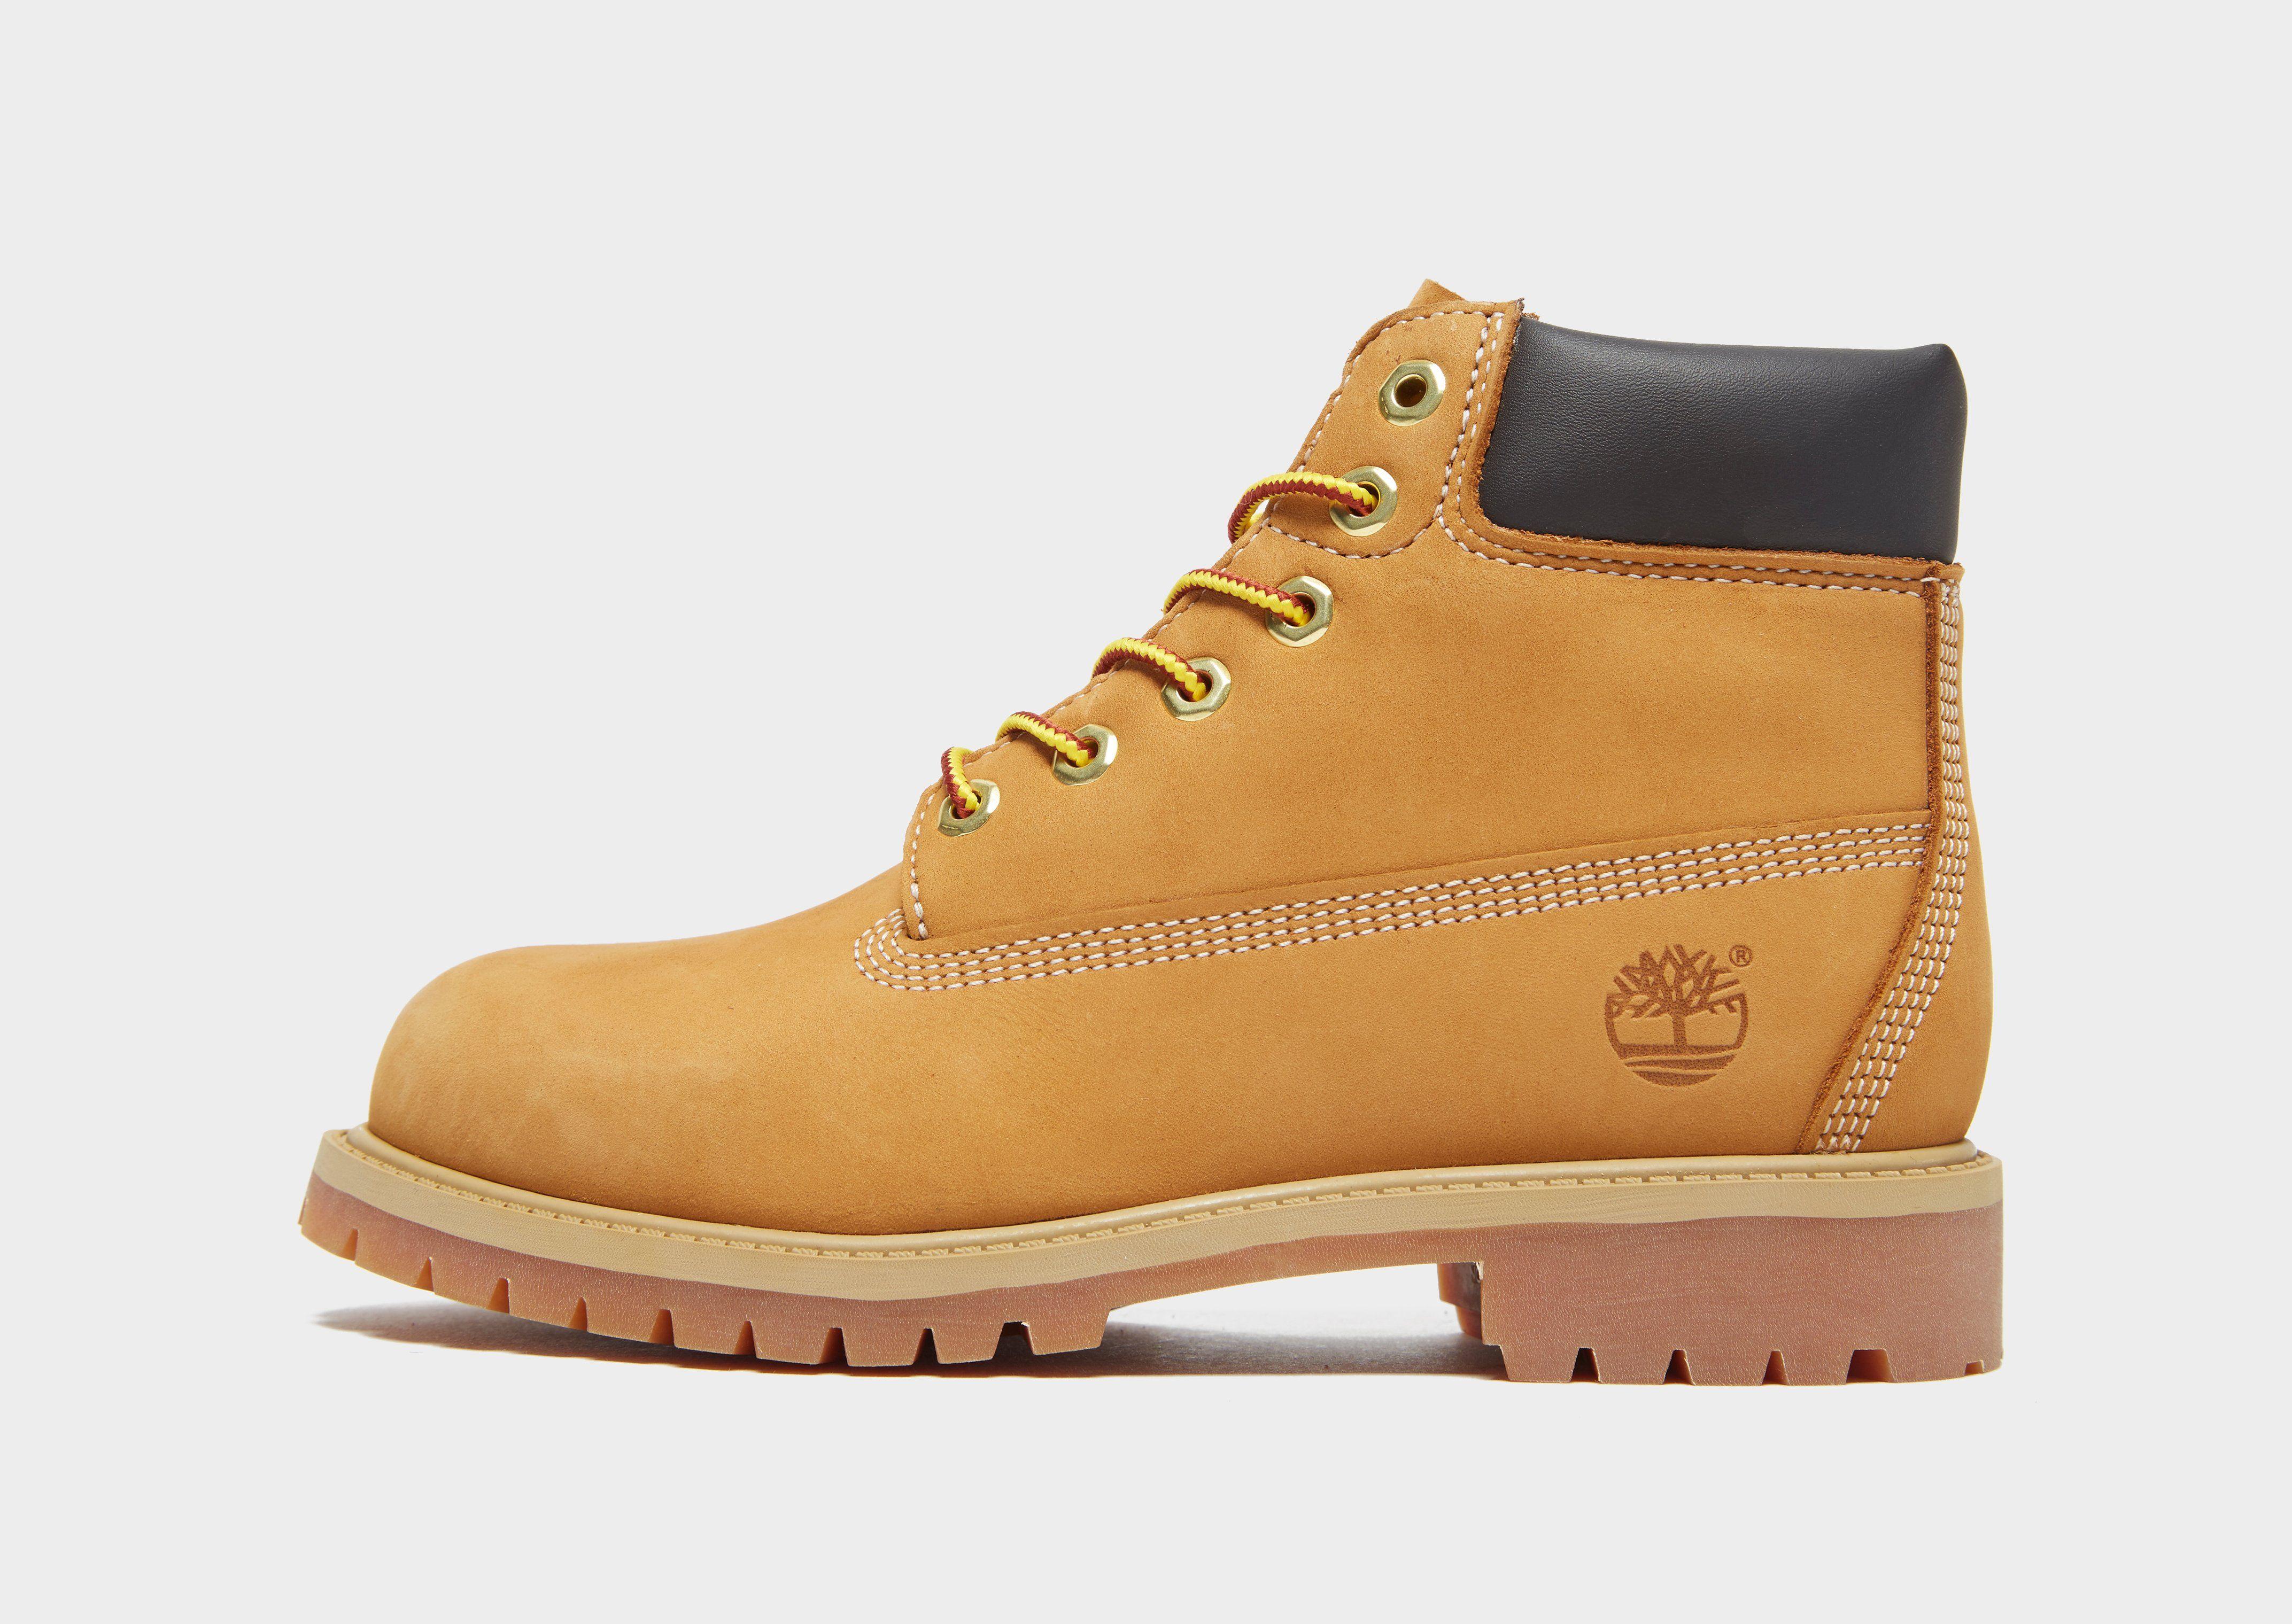 154f452c70 3 Reviews · Timberland 6 Inch Premium Boot Children ...